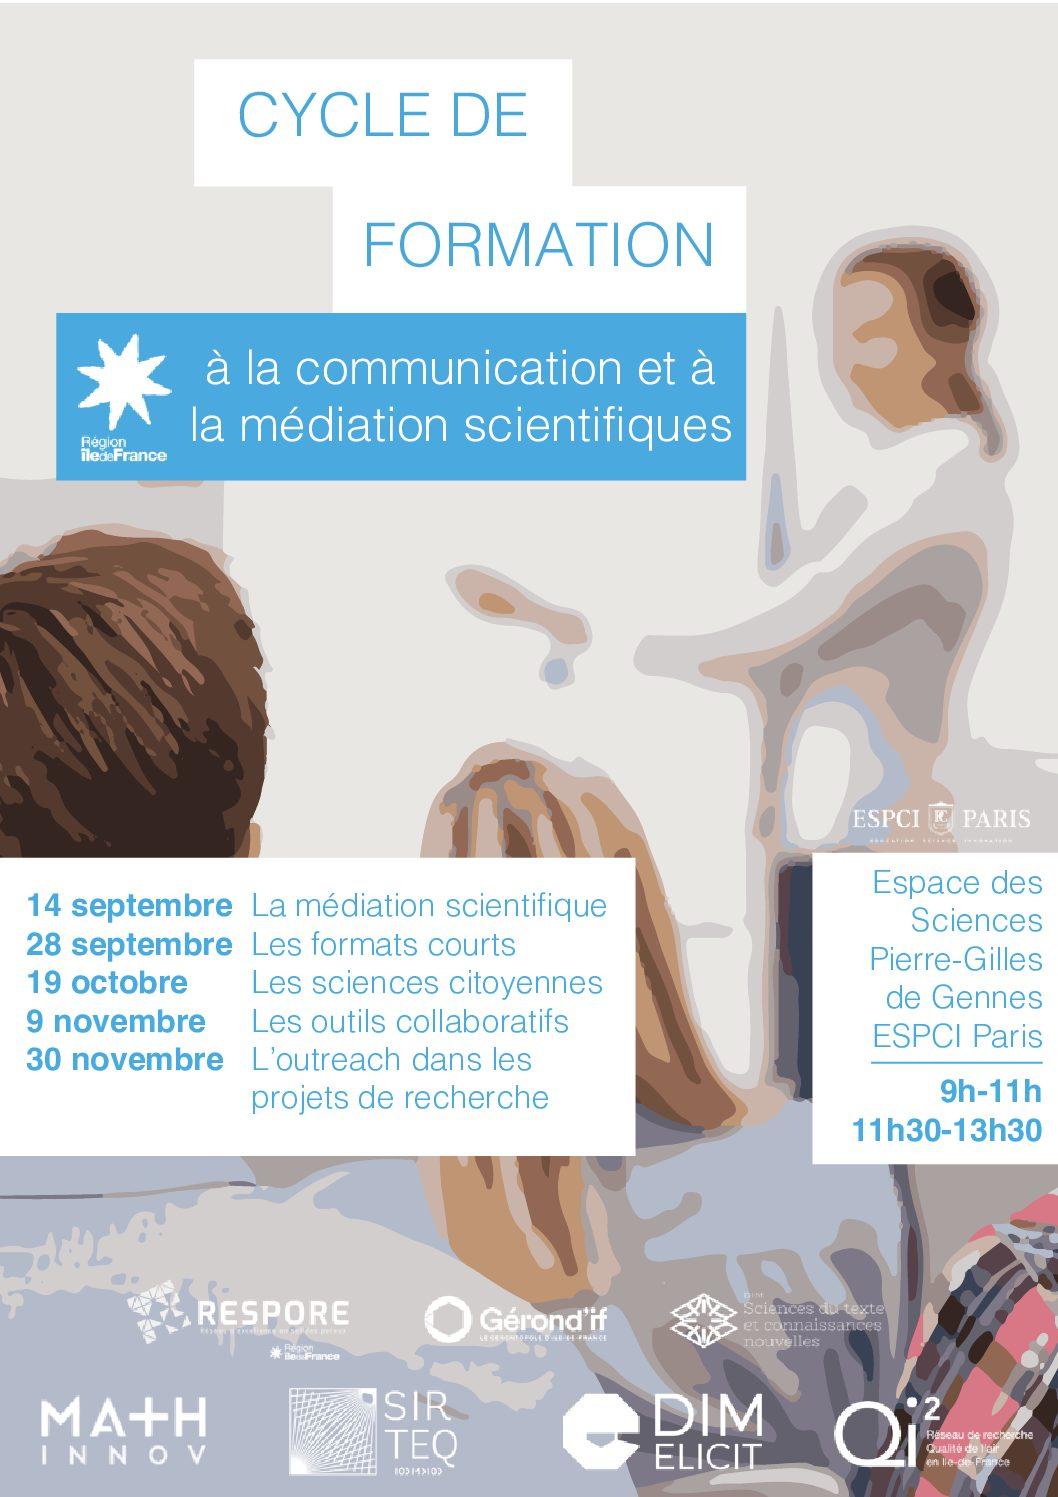 Cycle de formation à la communication et la médiation scientifiques